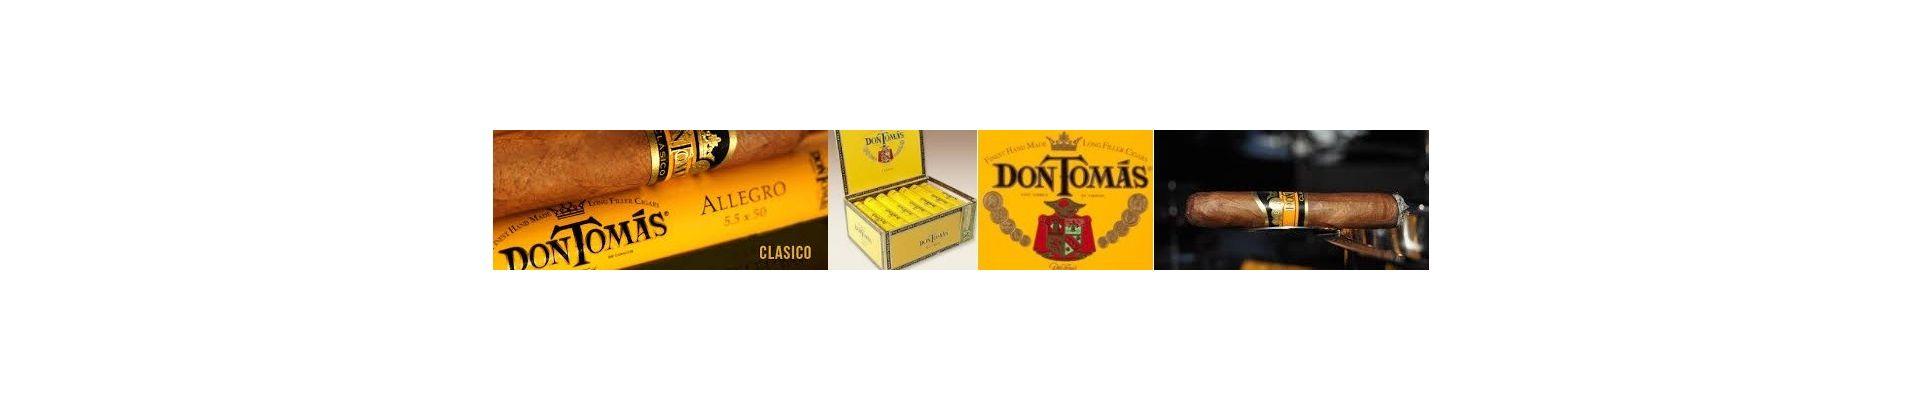 Trabucuri Don Tomas Republica Dominicana cel mai bun pret.Trabuc